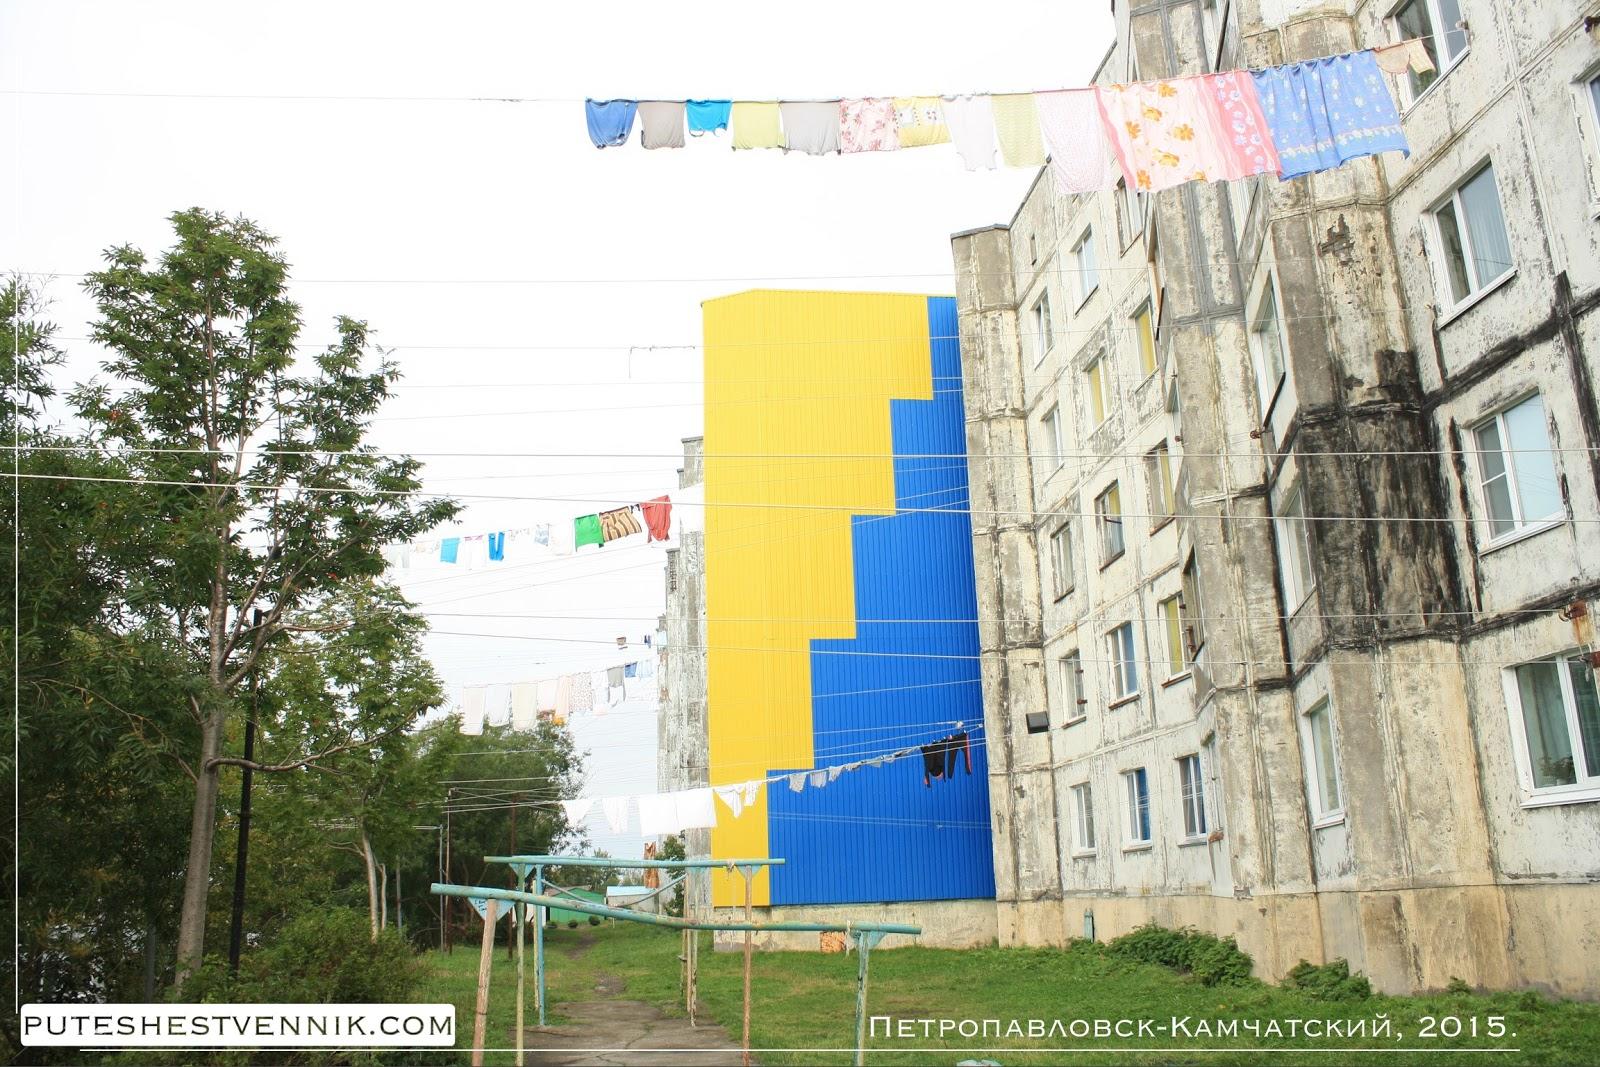 Так просушивают белье в Петропавловске-Камчатском